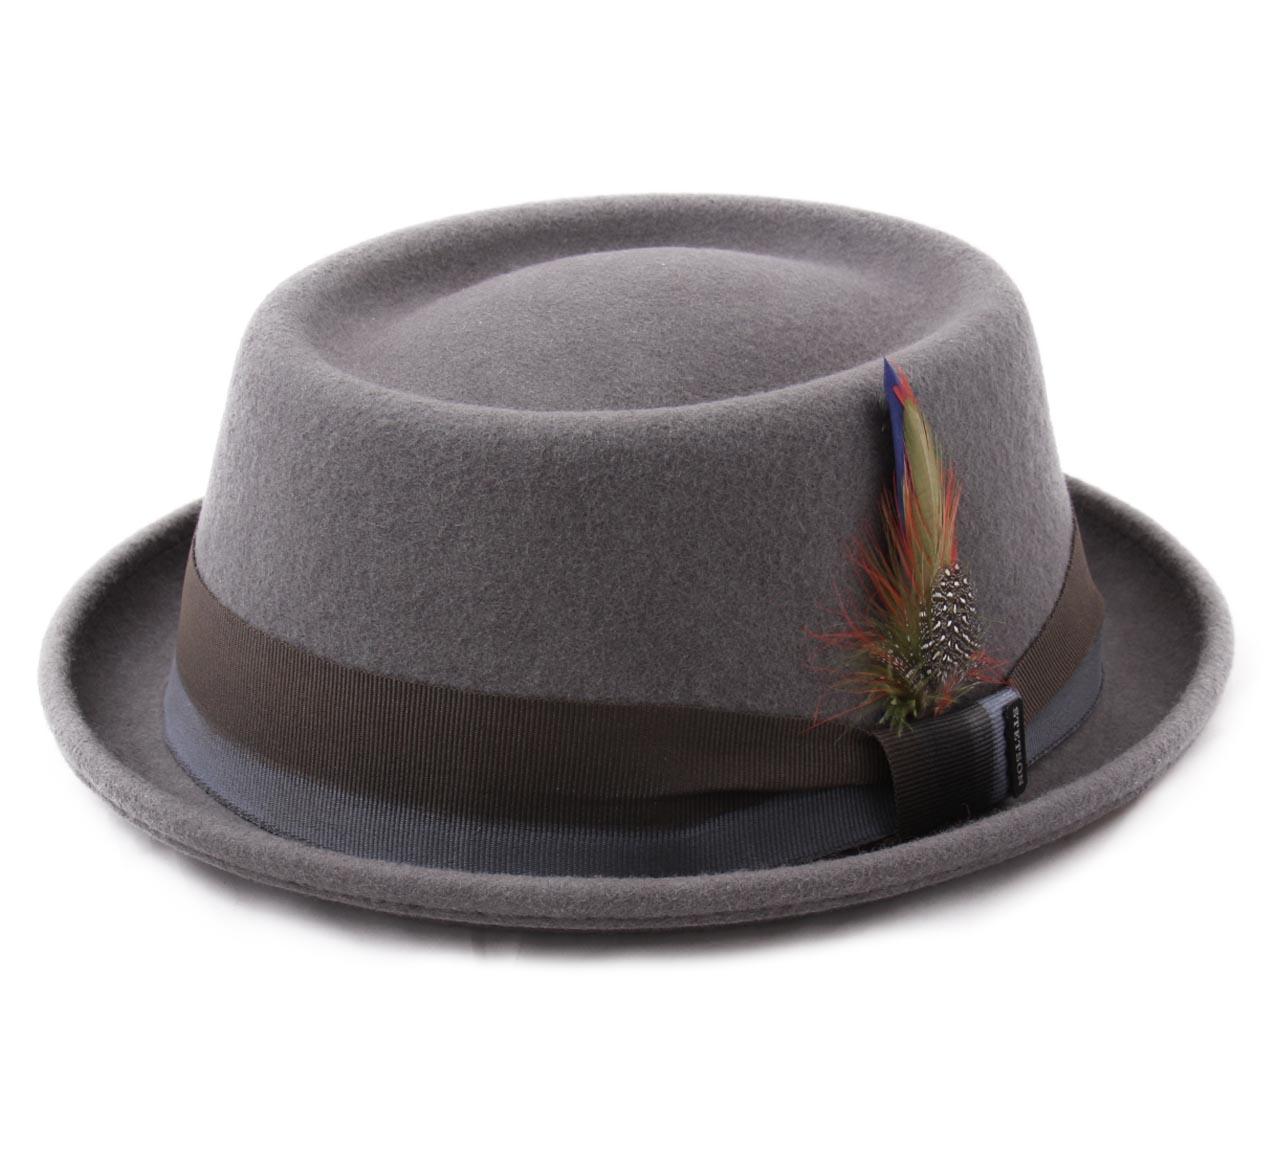 0cd578150be Pork Pie Woolfelt - Hats